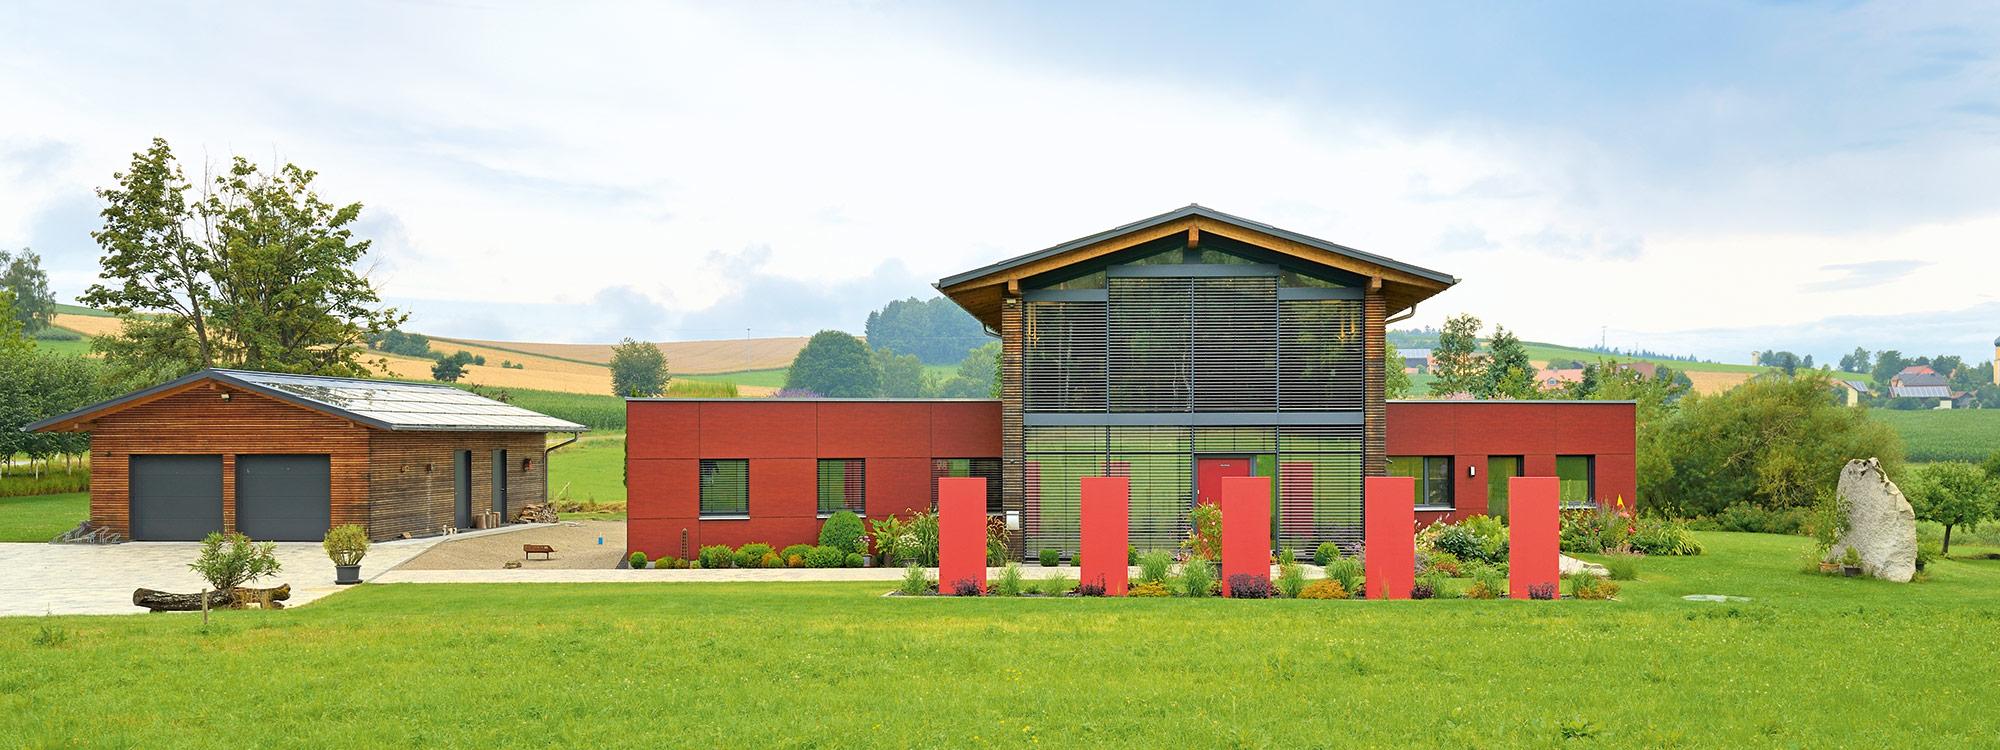 Holzhaus auf grüner Wiese